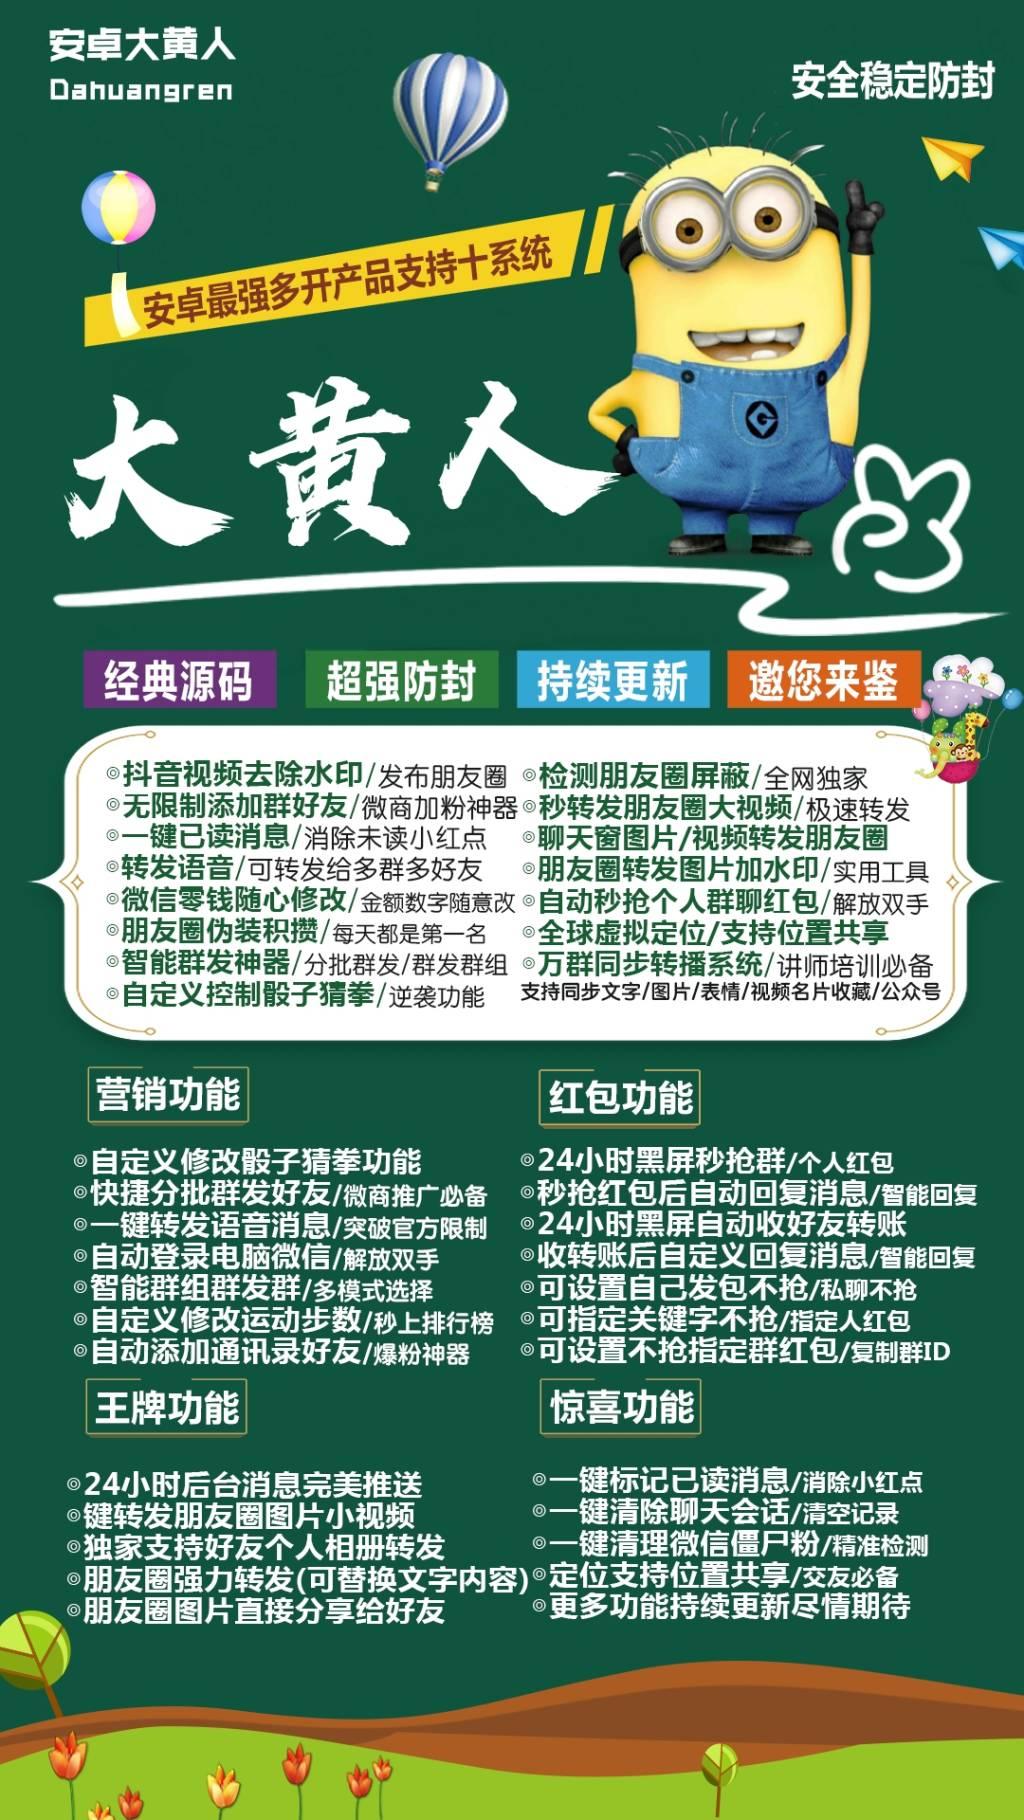 【安卓大黄人】支持安卓10系统高端稳定一键转发激活码授权